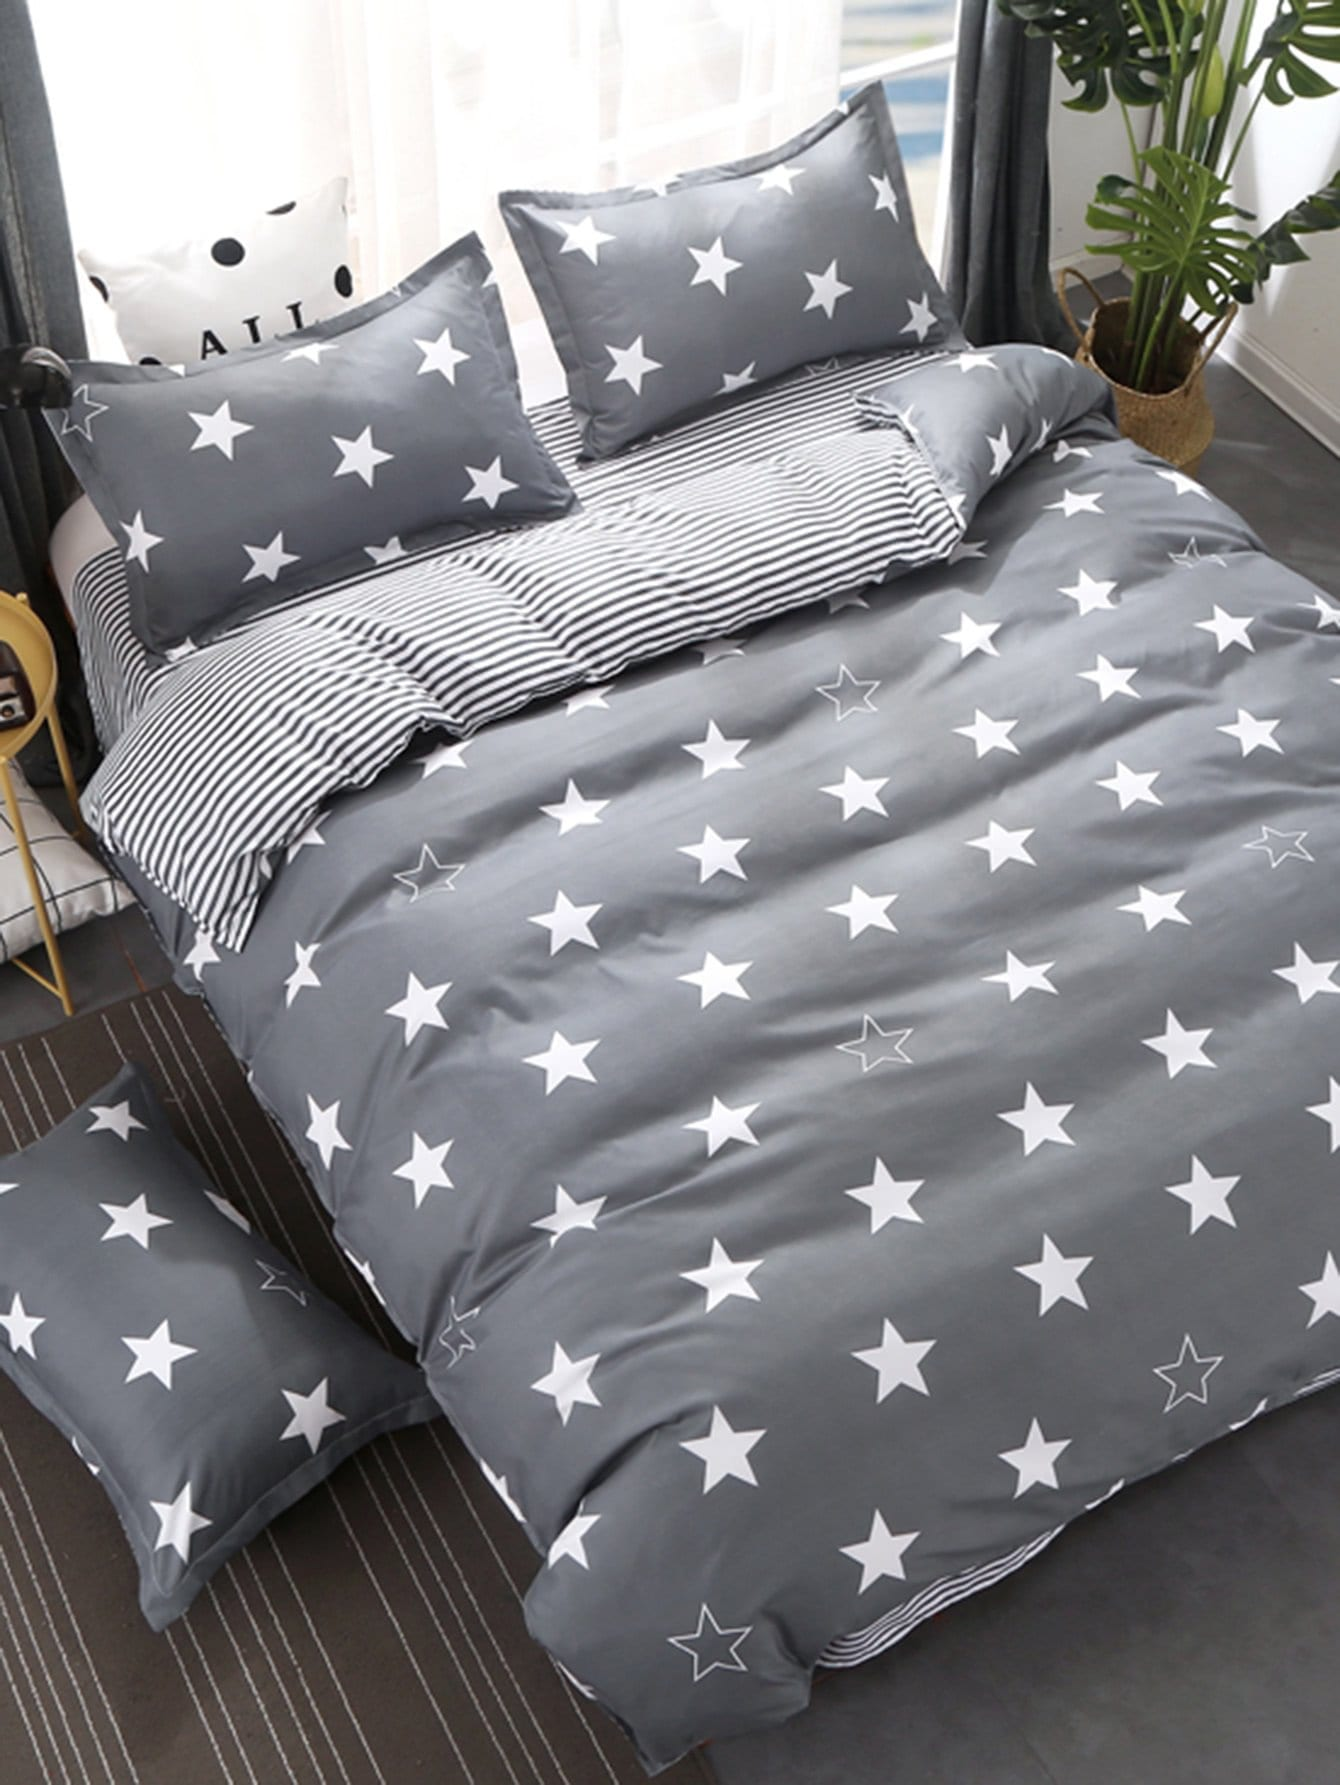 Купить Комплект для кровати с полосками и звезды, null, SheIn